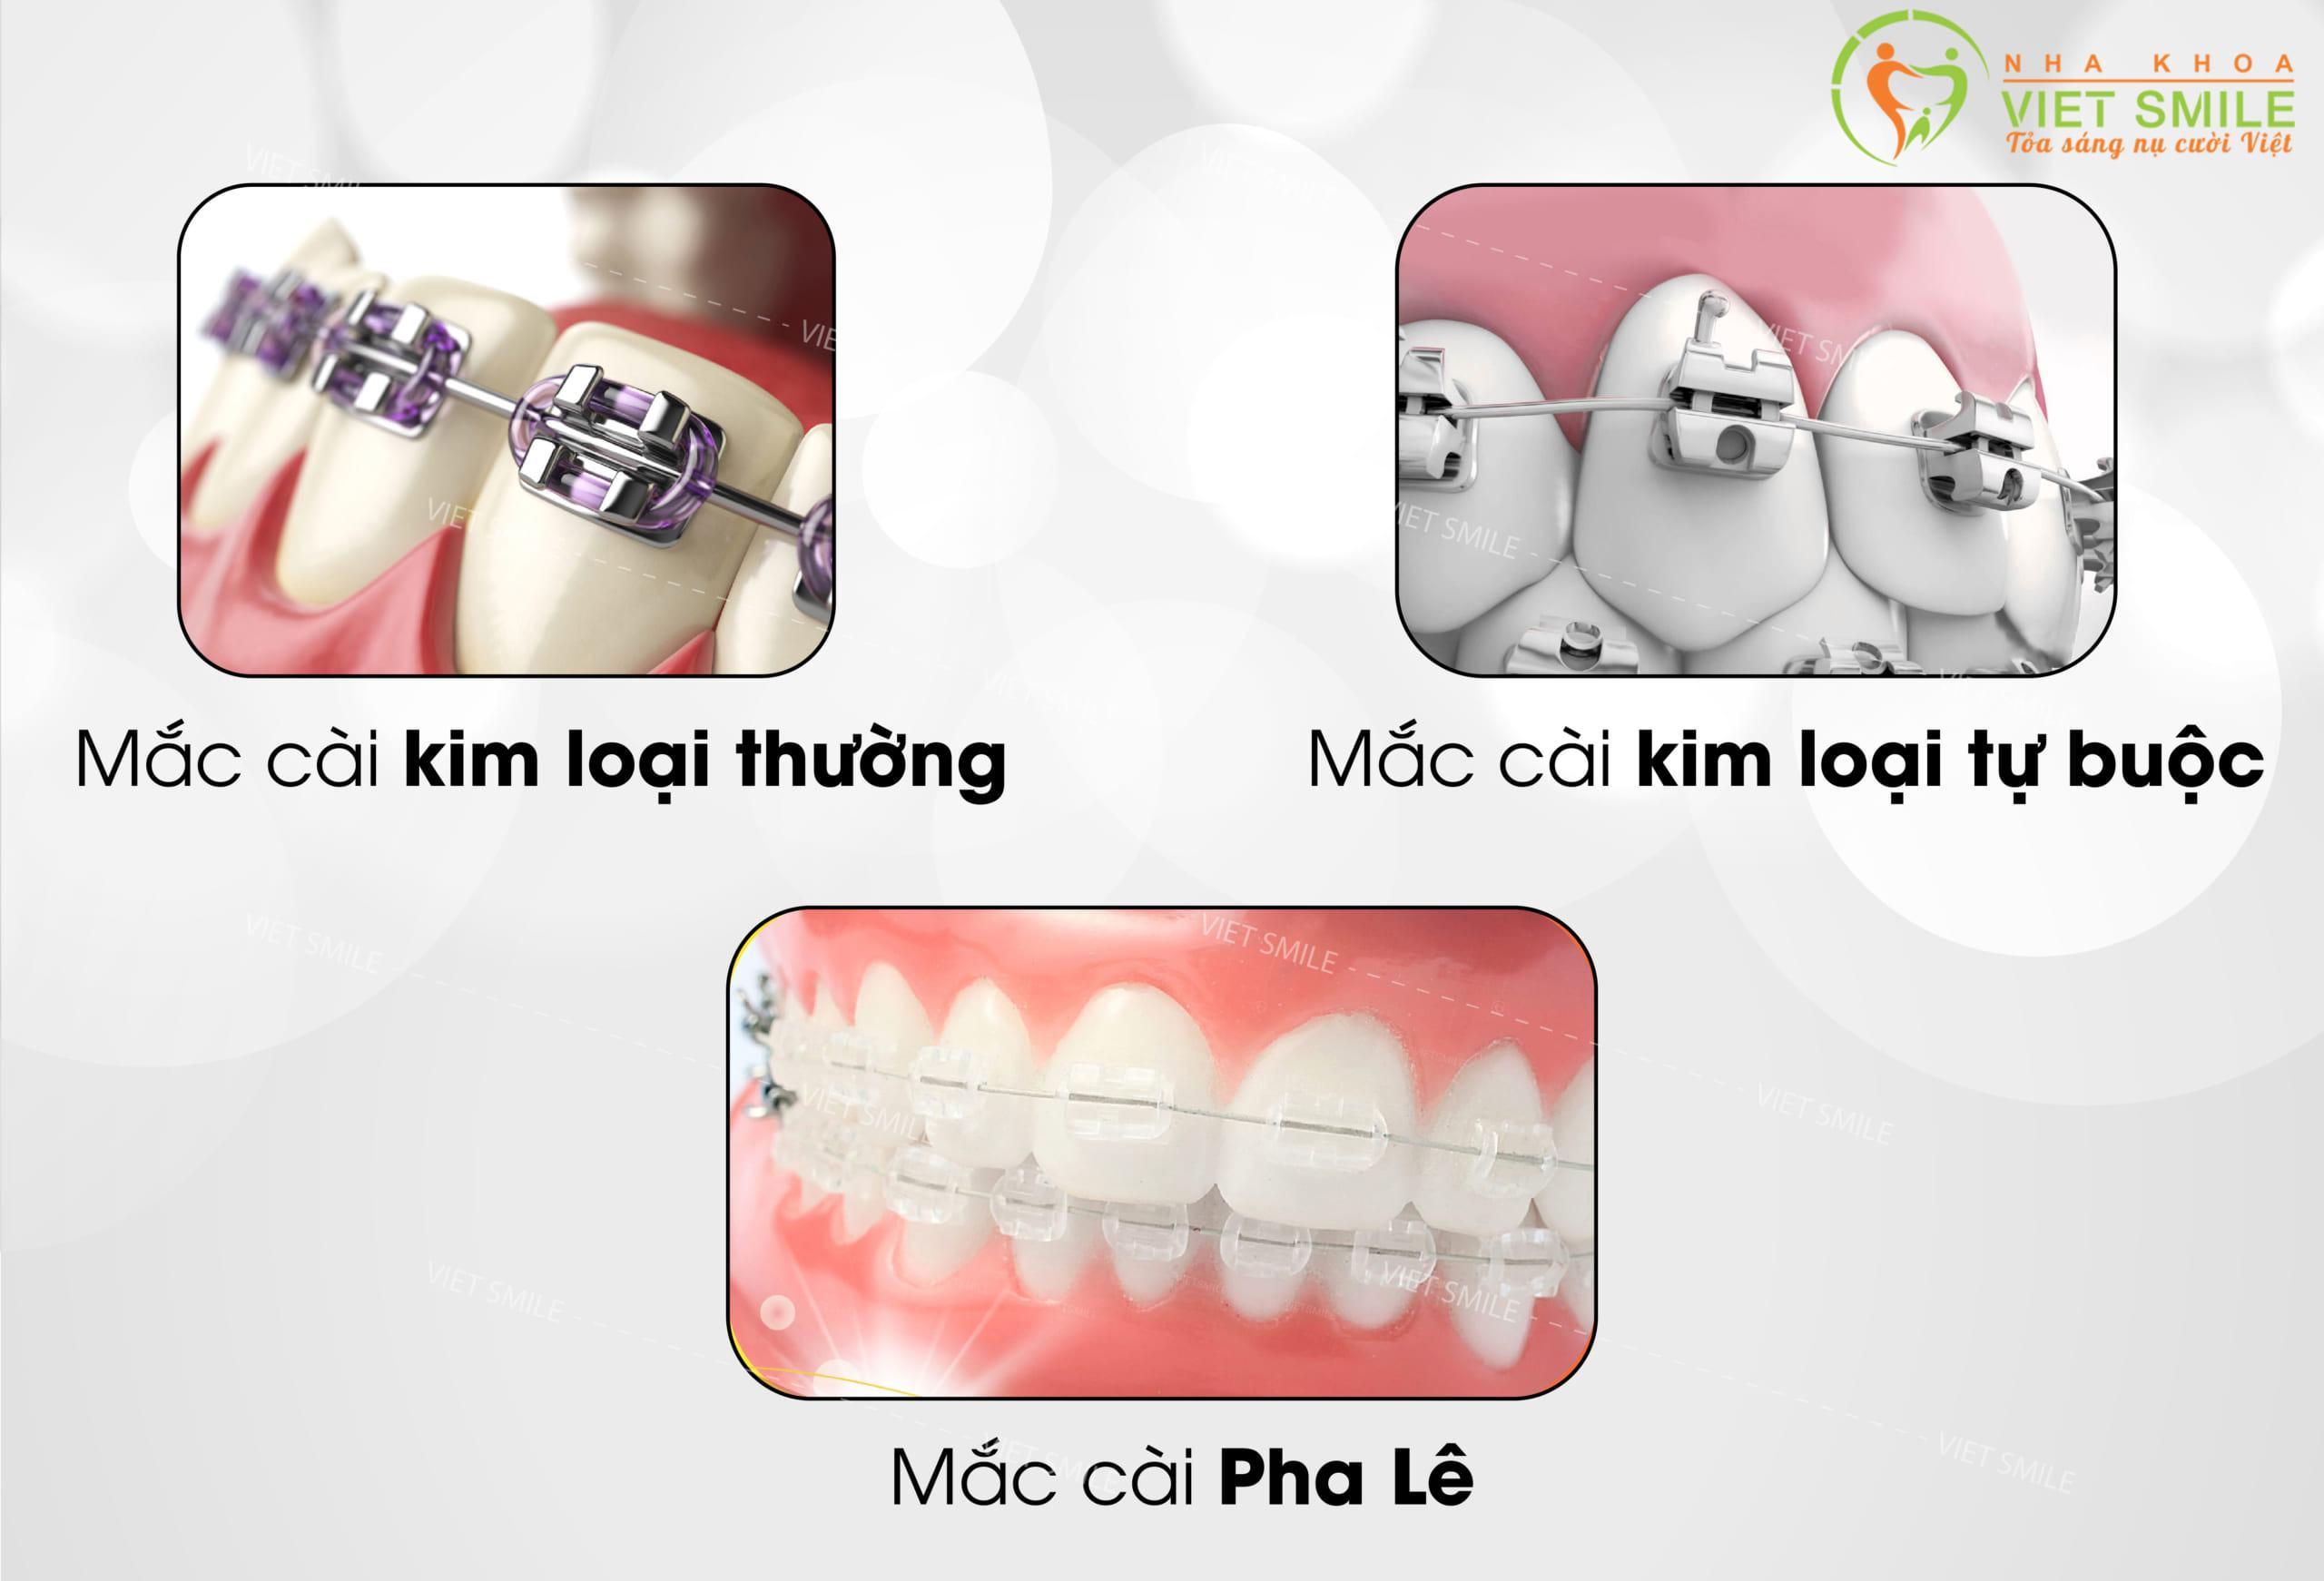 Hệ thống mắc cài linh hoạt về chi phí - hiệu quả tối đa tại Nha khoa Việt Smile